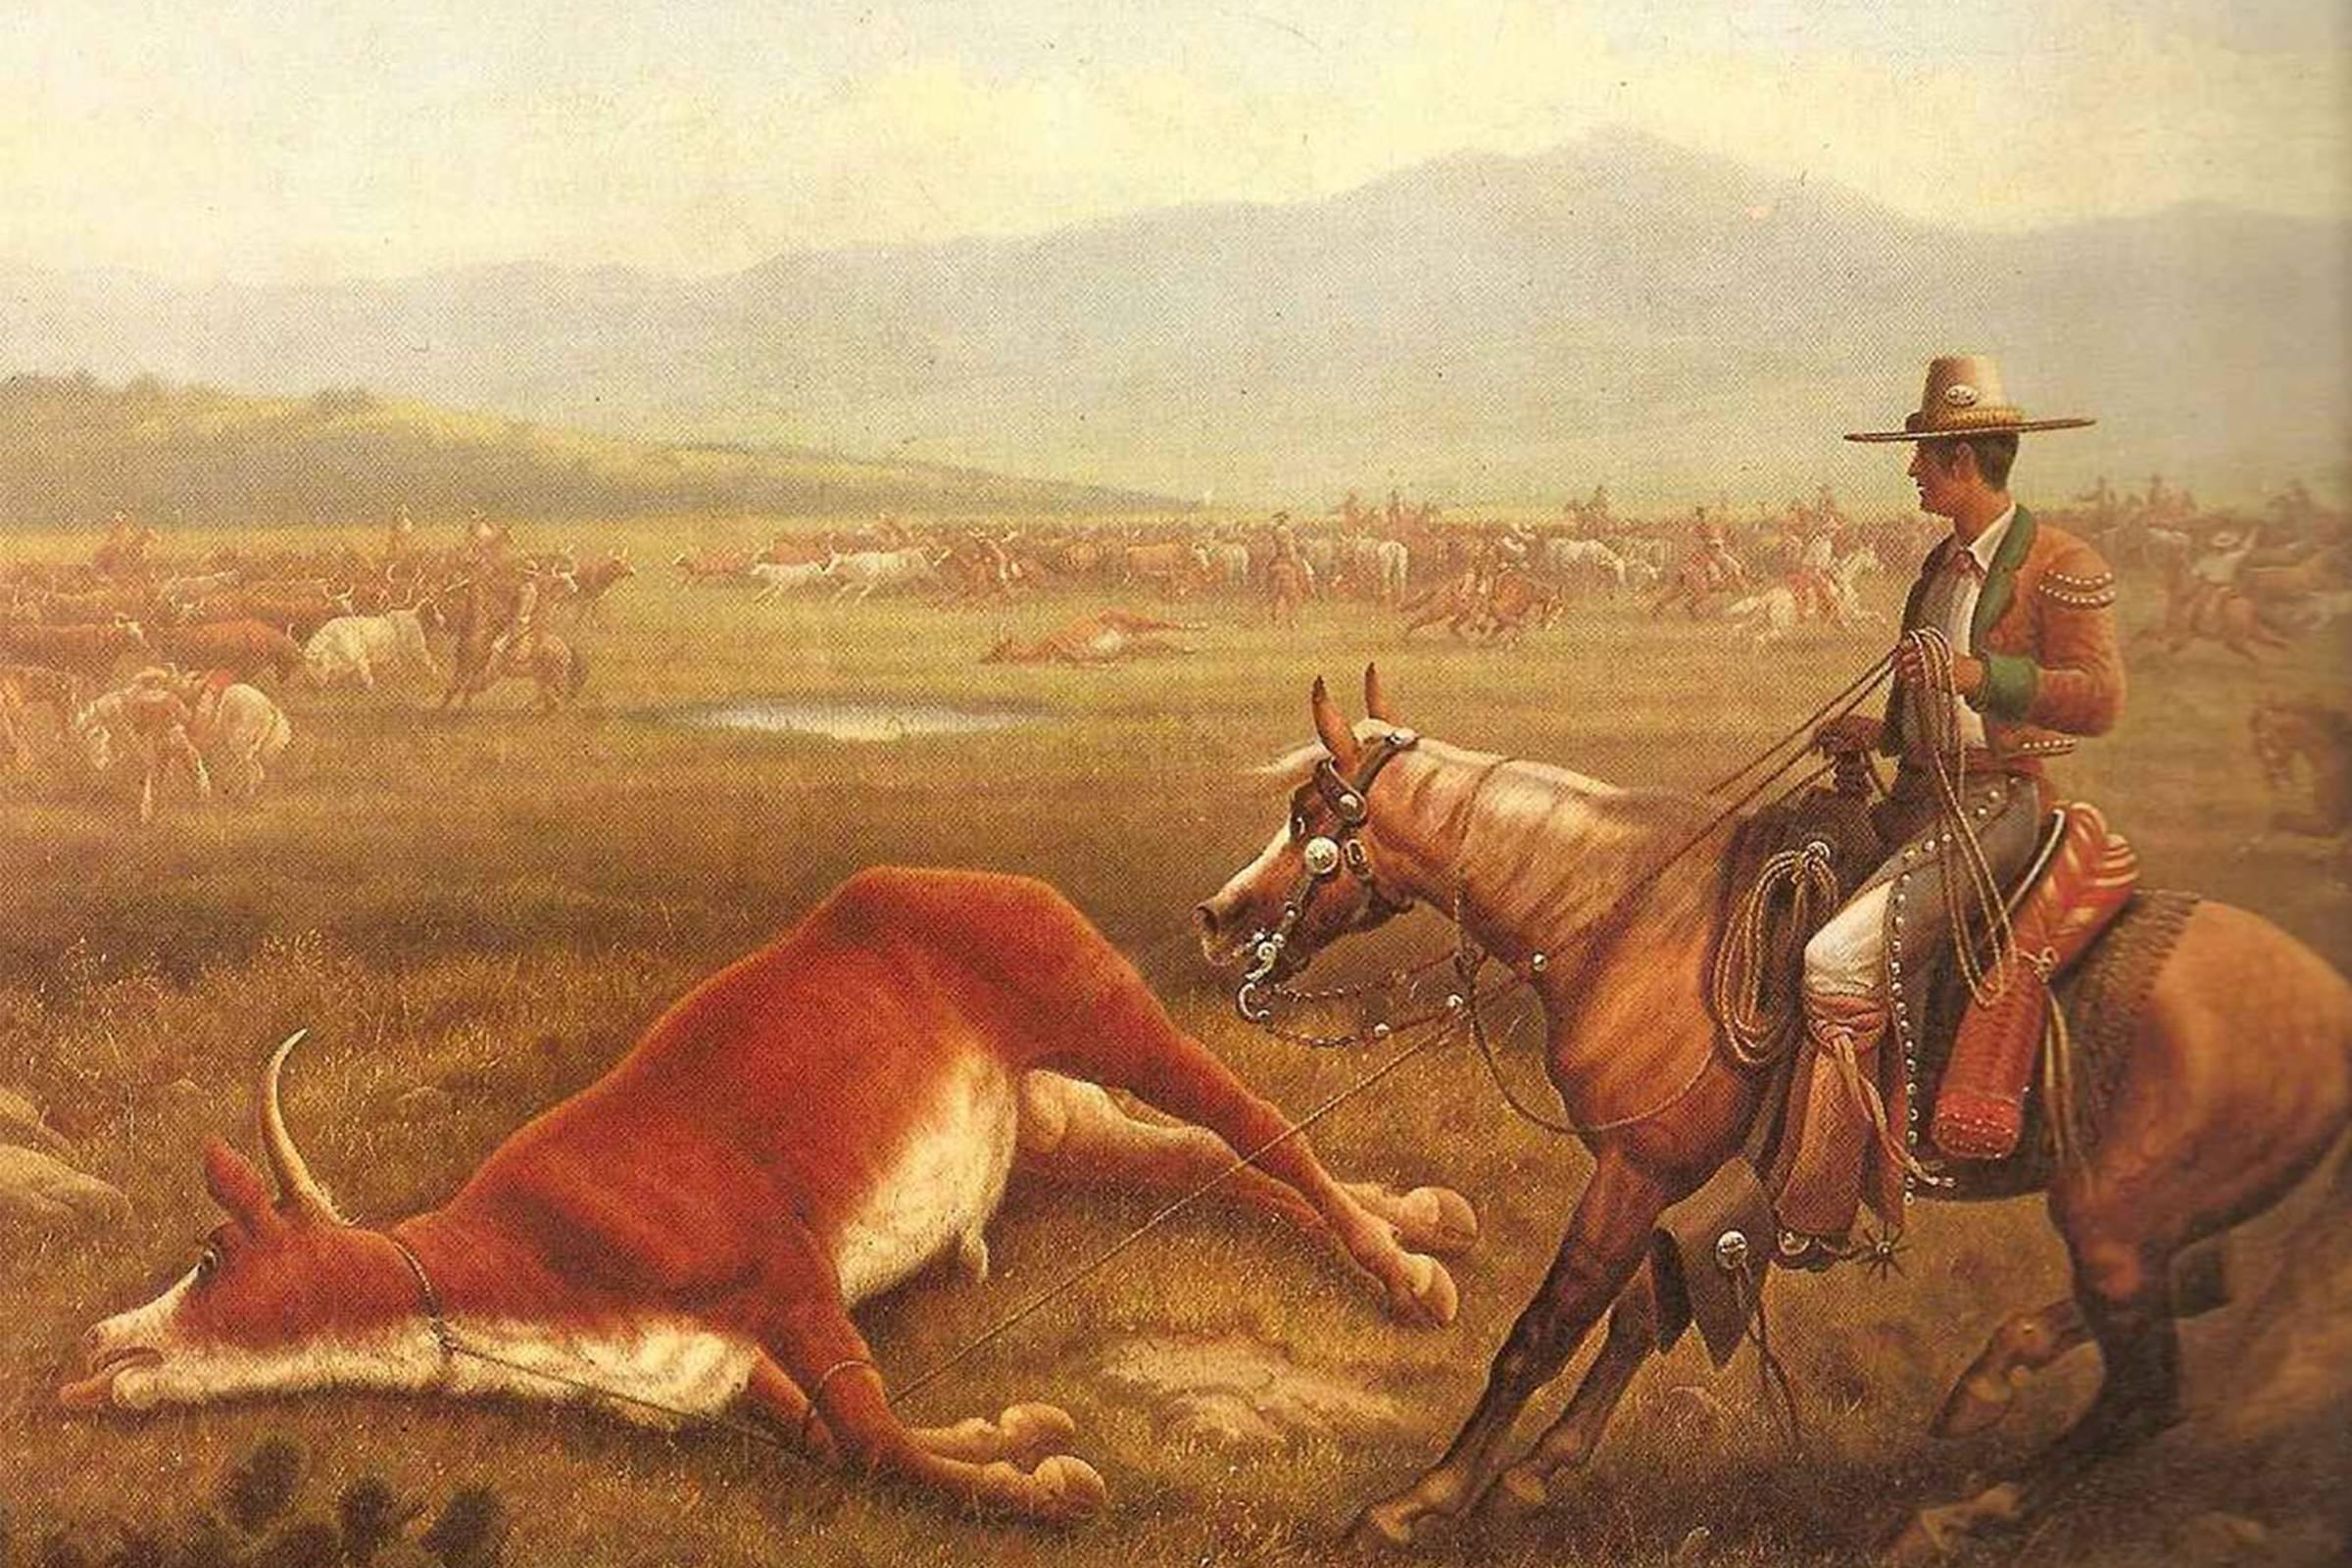 Vaquero riding culture